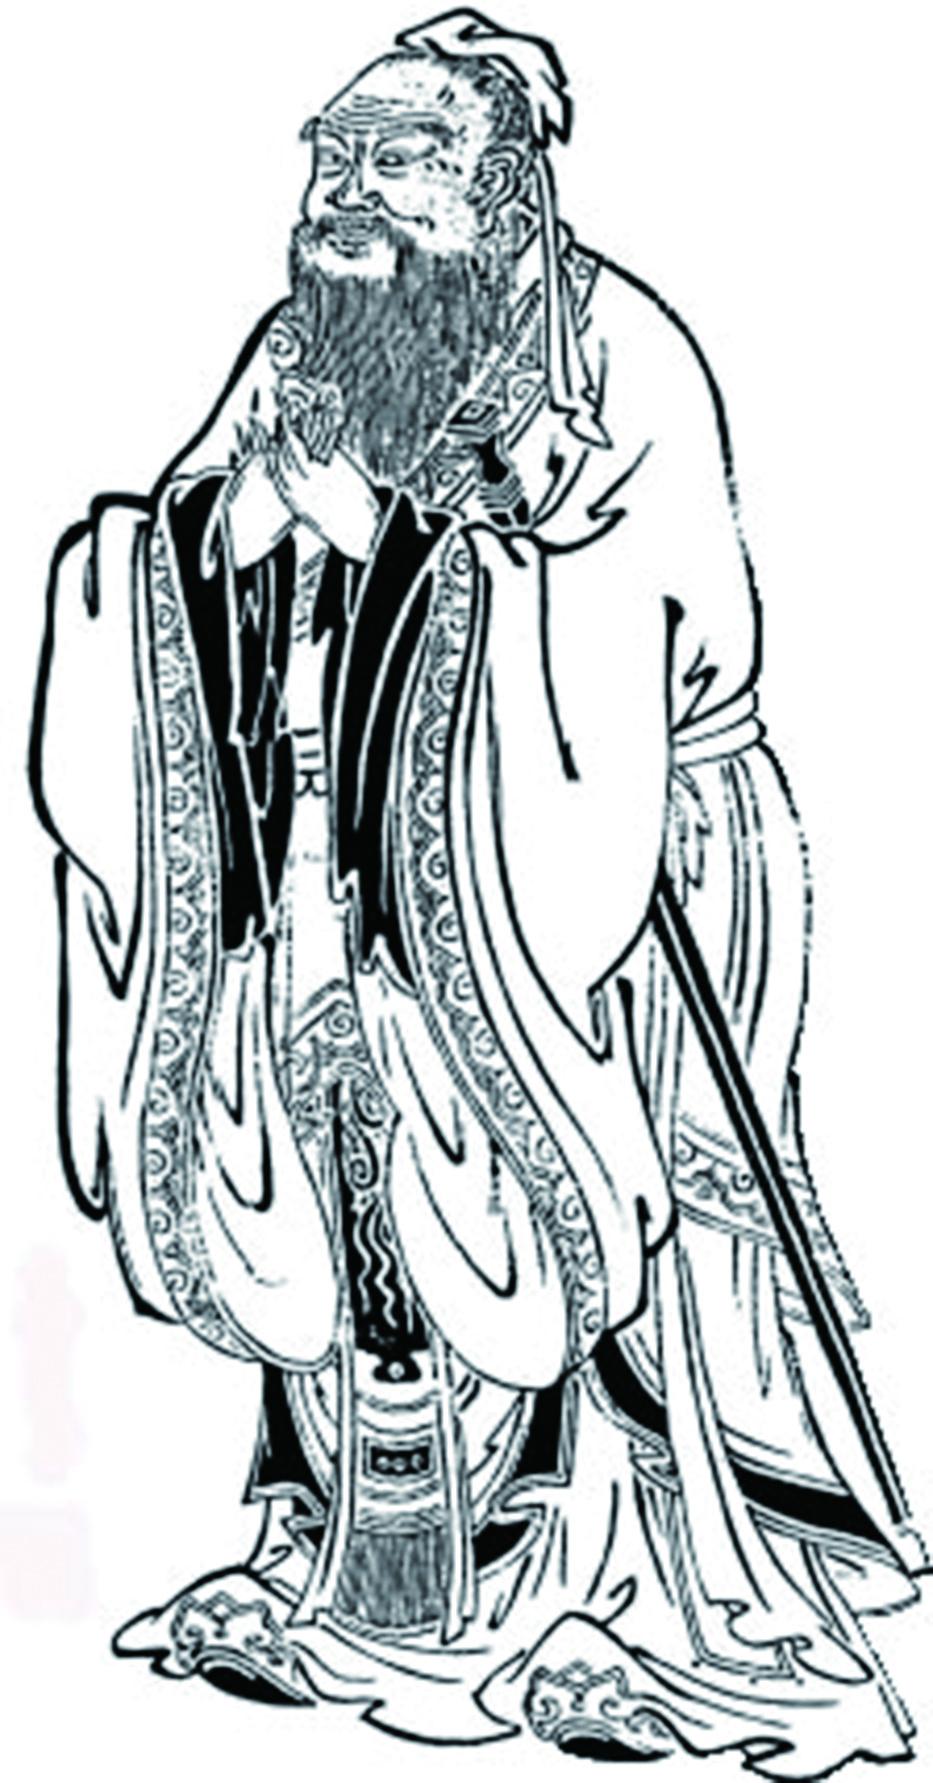 kongzha